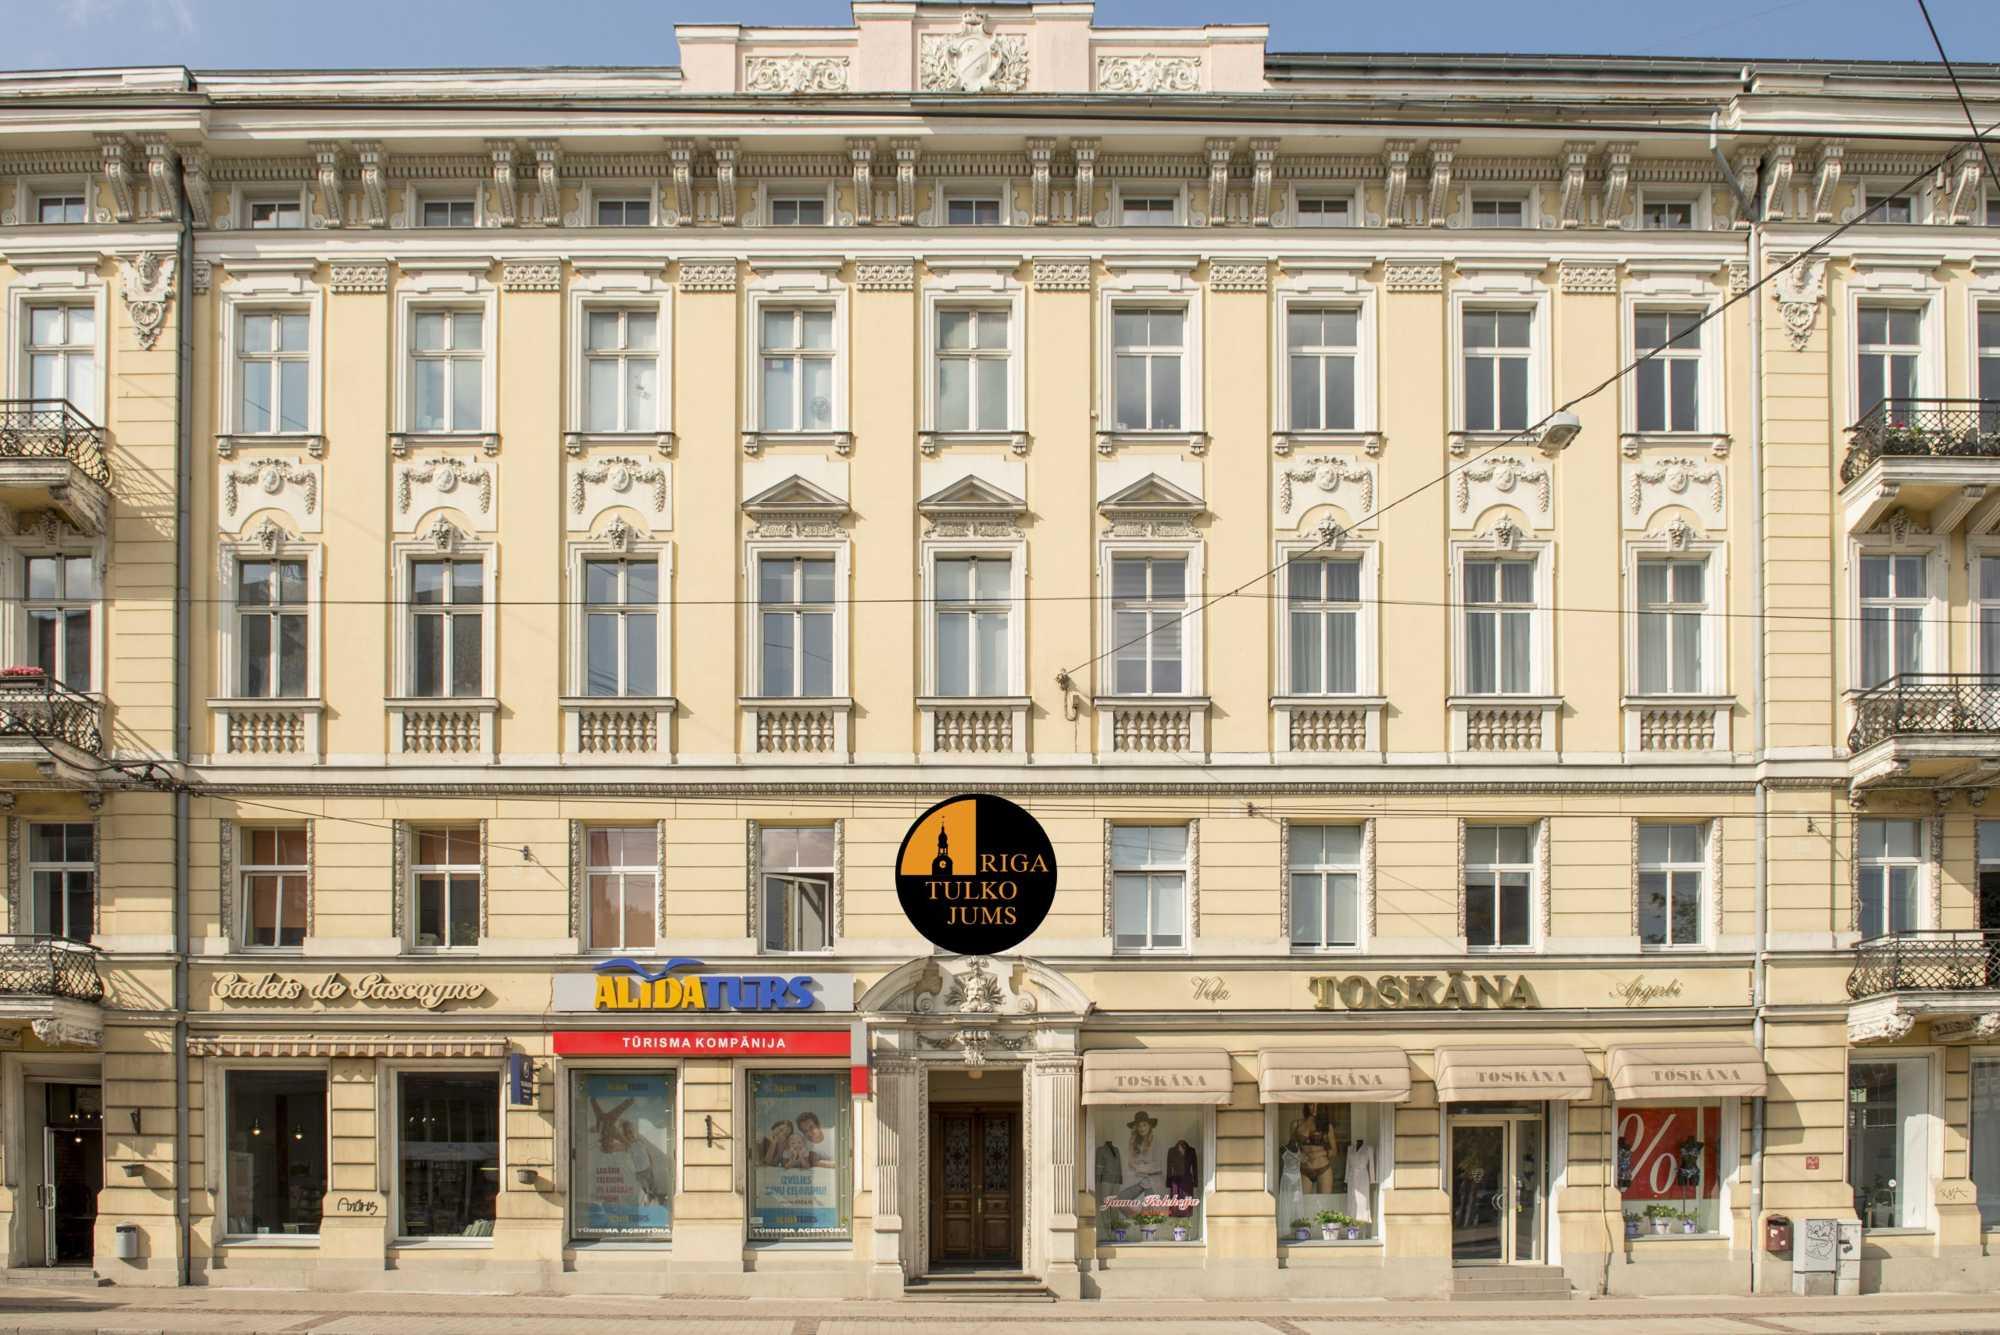 Rīga Tulko Jums biroja atrašanās vieta